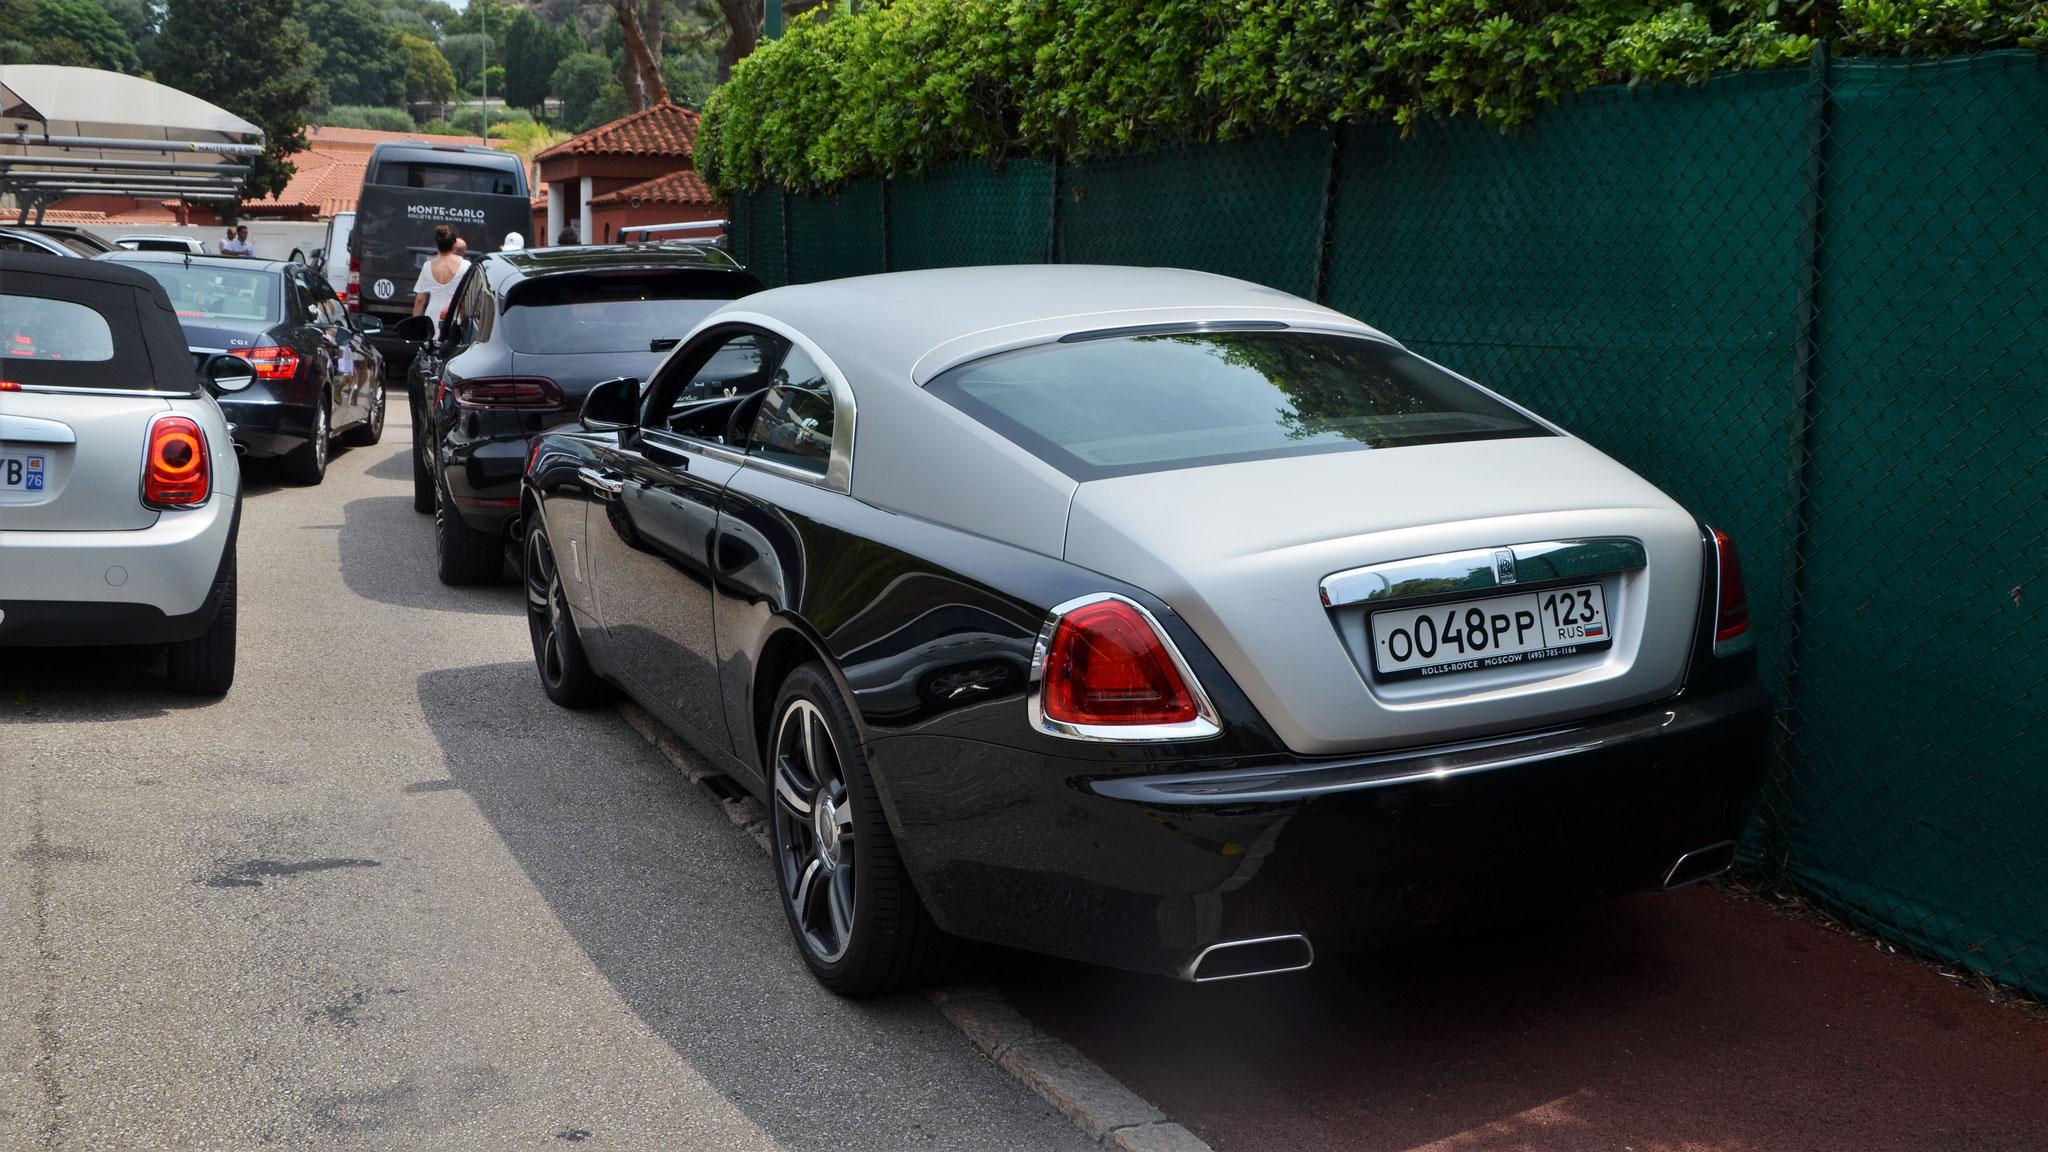 Rolls Royce Wraith - O-048-PP-123 (RUS)